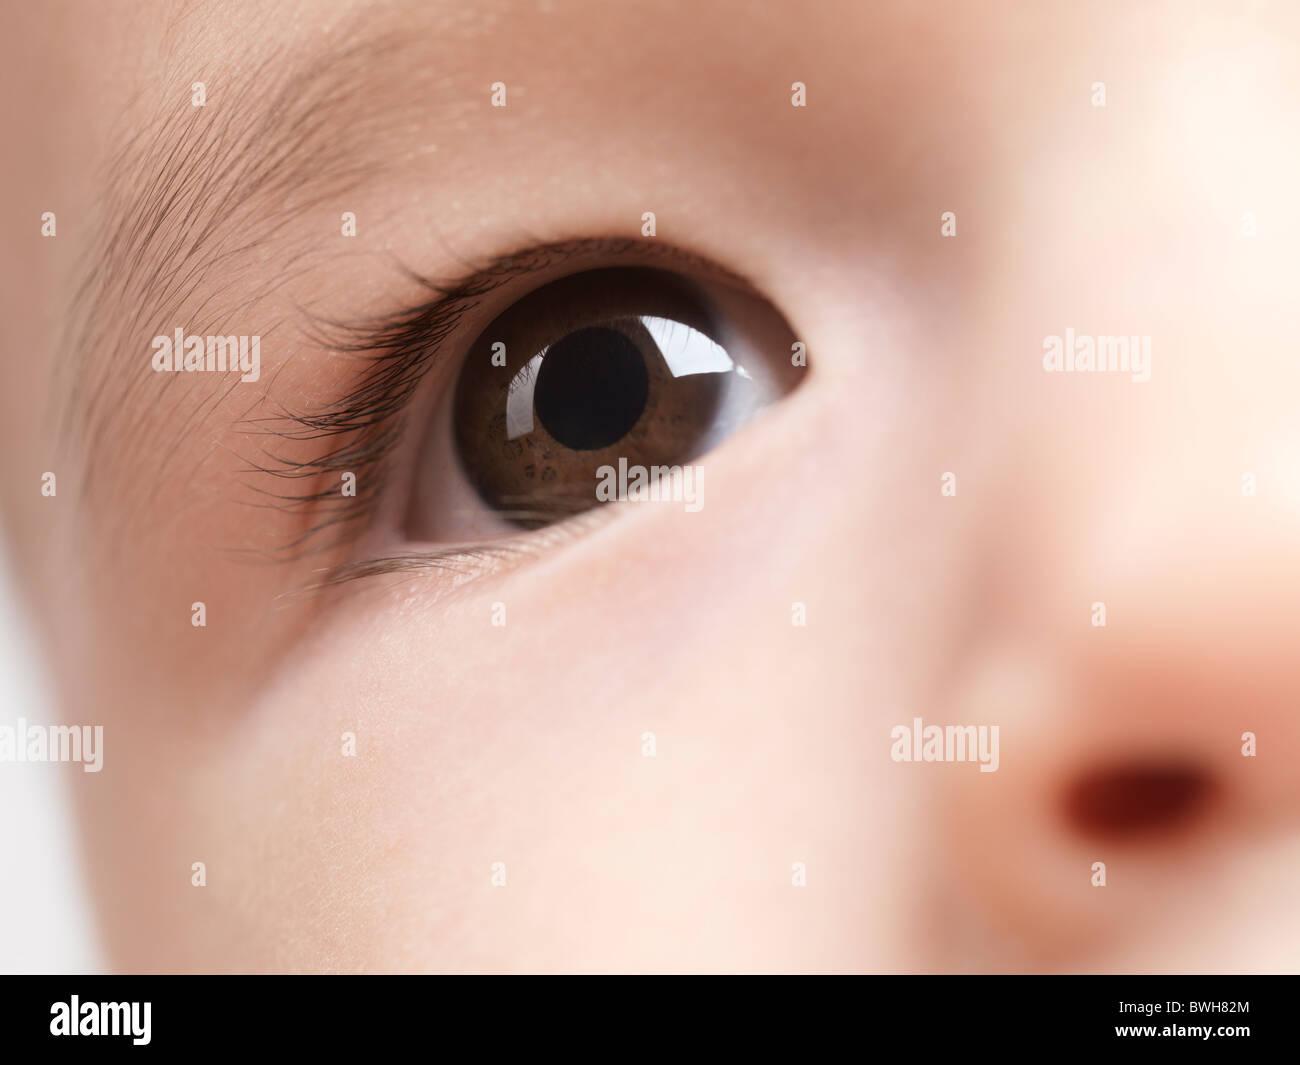 Primer plano de un ojo de un bebé de seis meses boy Imagen De Stock